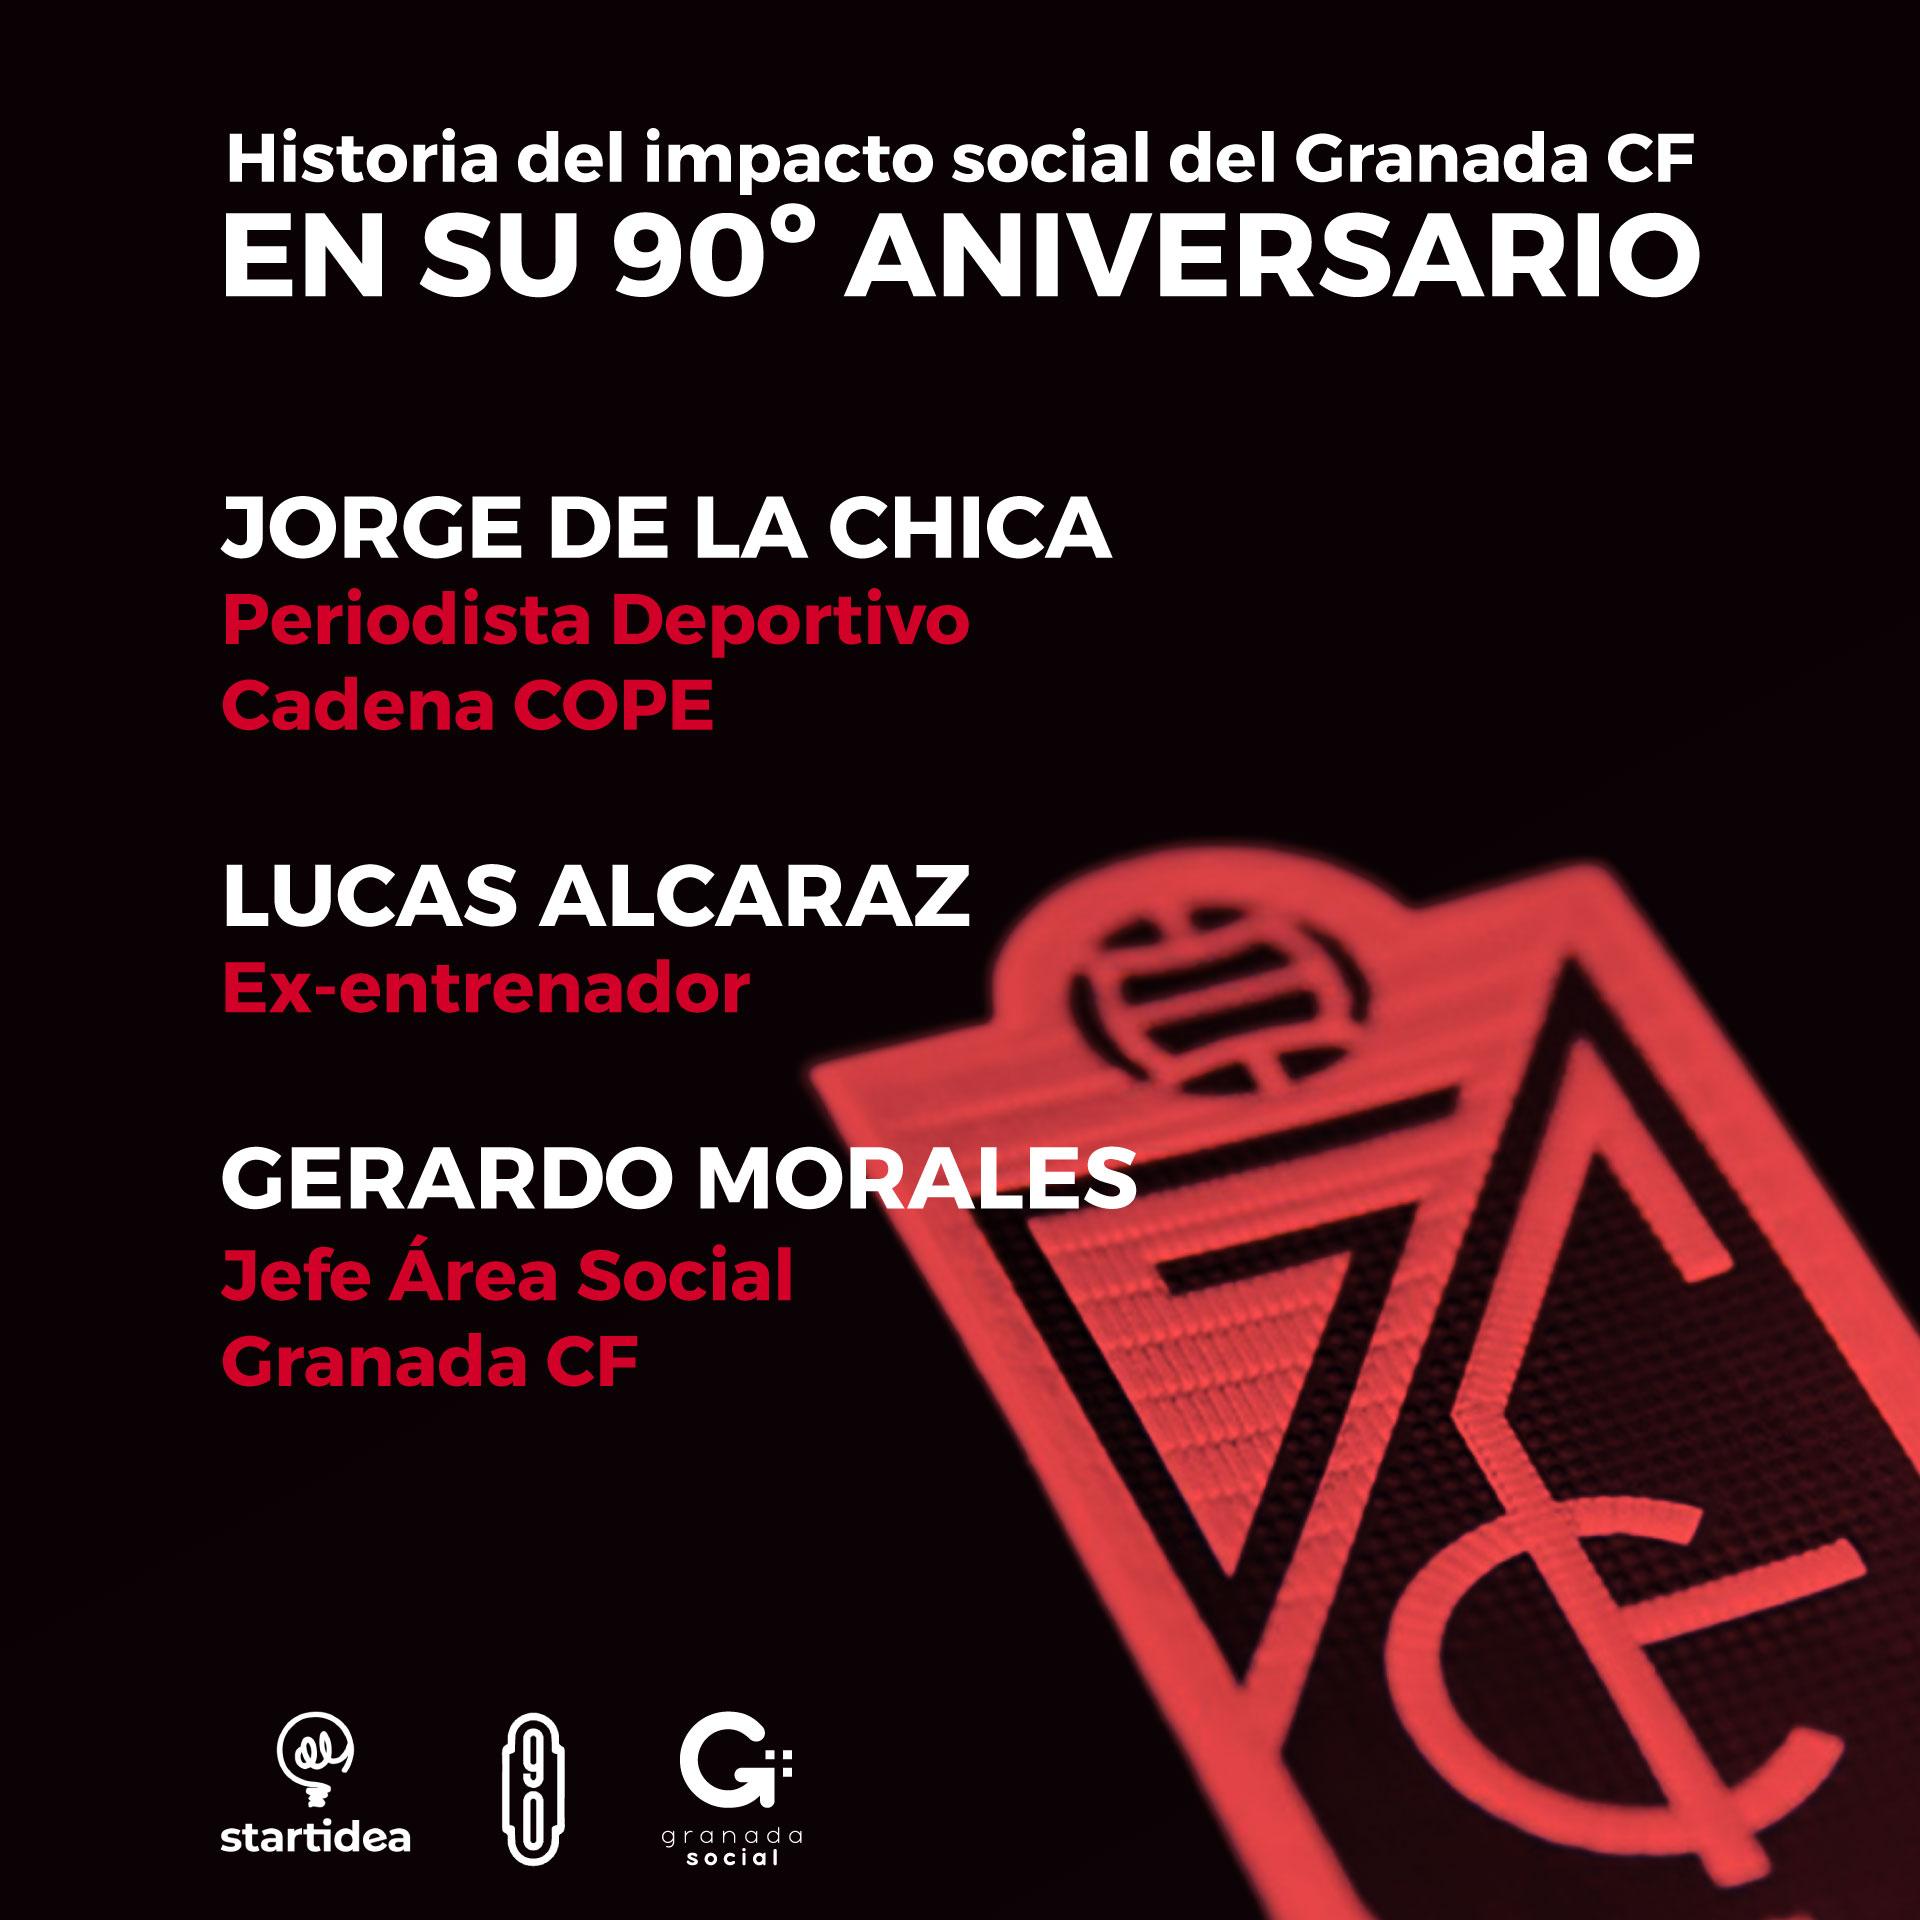 90 Años de historia en Granada y su impacto social del Granada CF